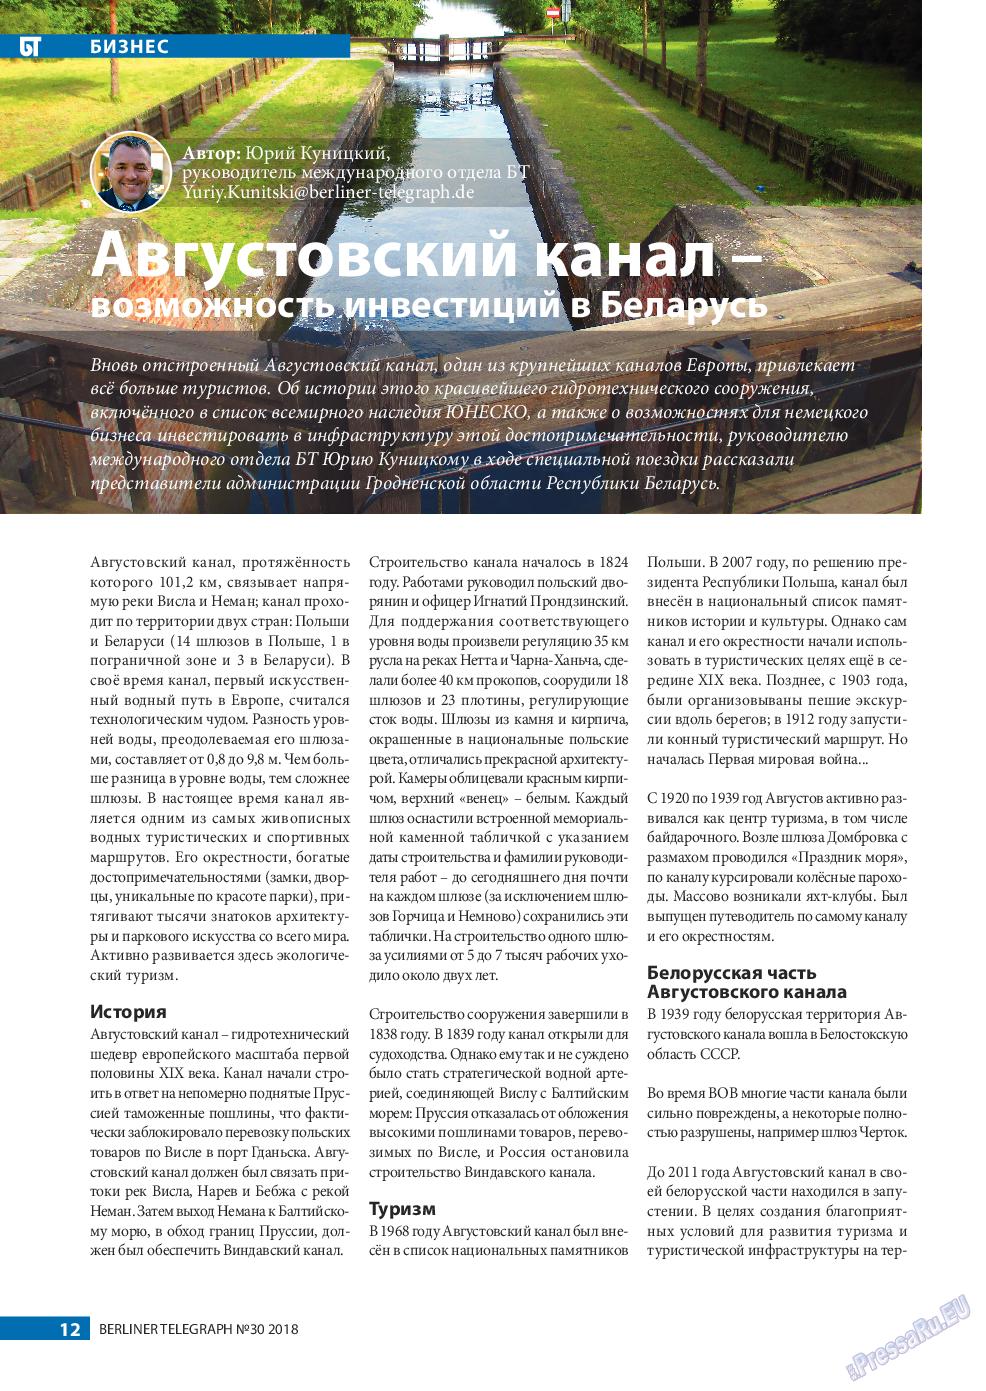 Берлинский телеграф (журнал). 2018 год, номер 30, стр. 12